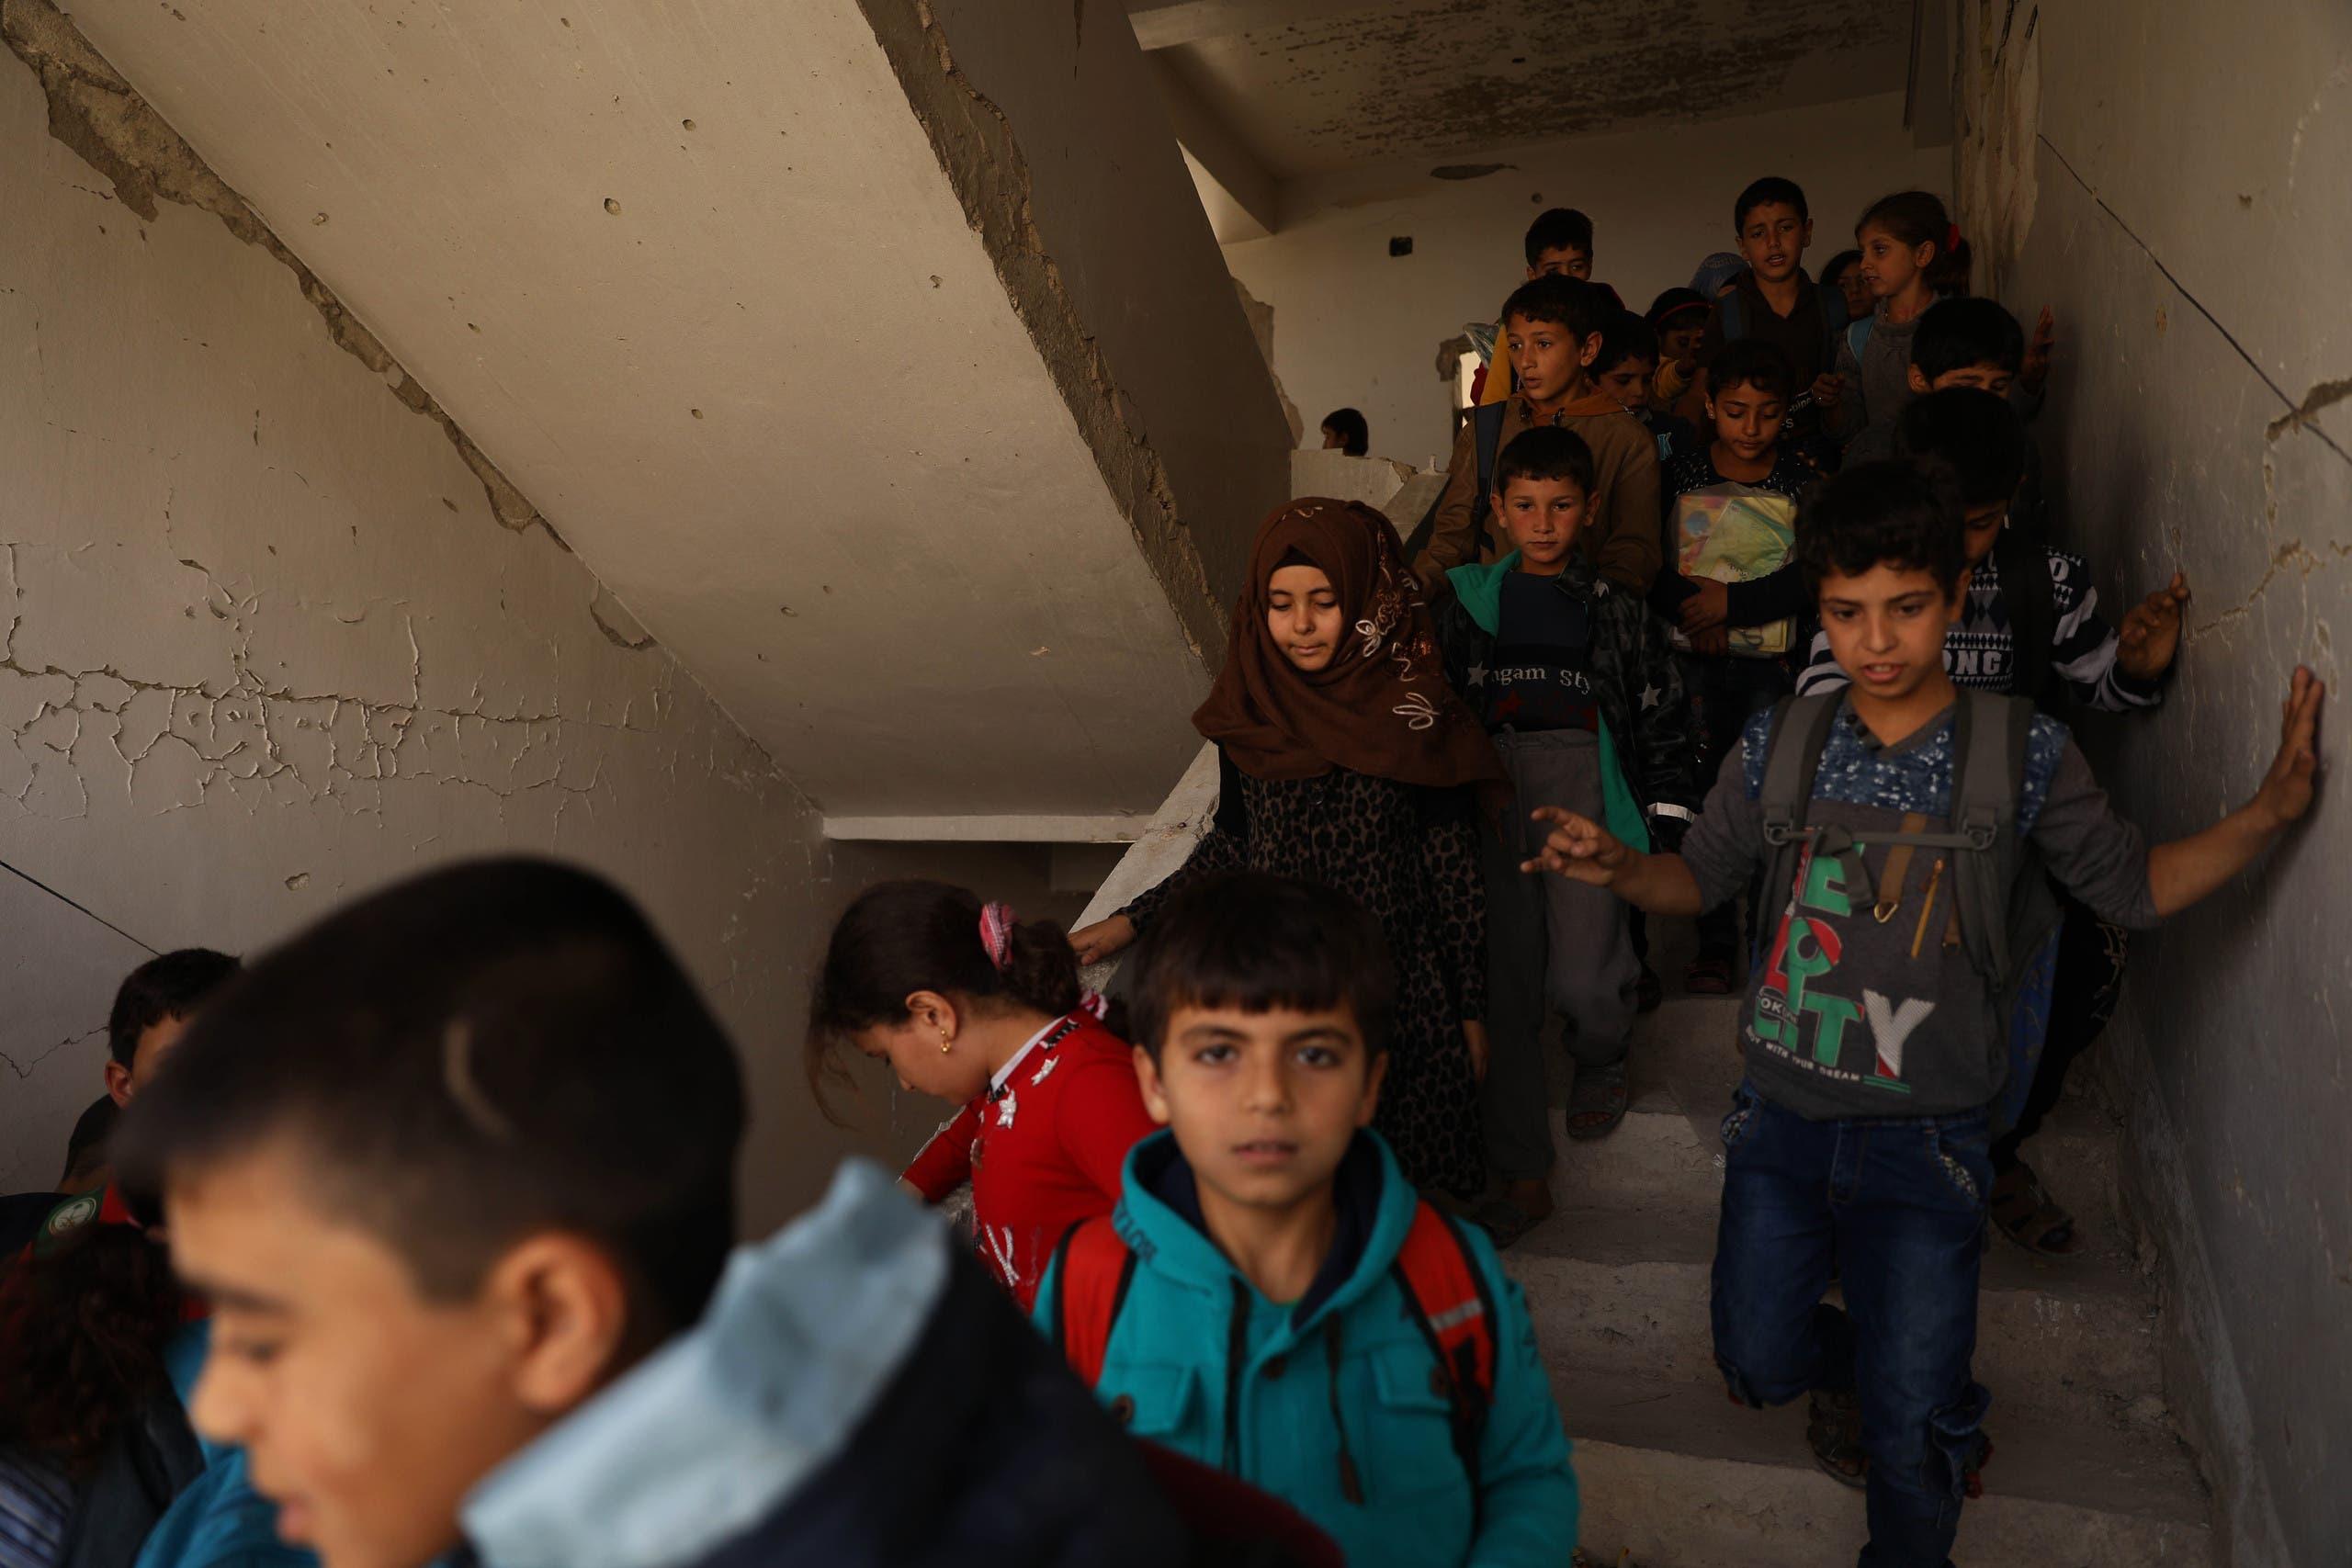 طلاب سوريون (أرشيفية- فرانس برس)